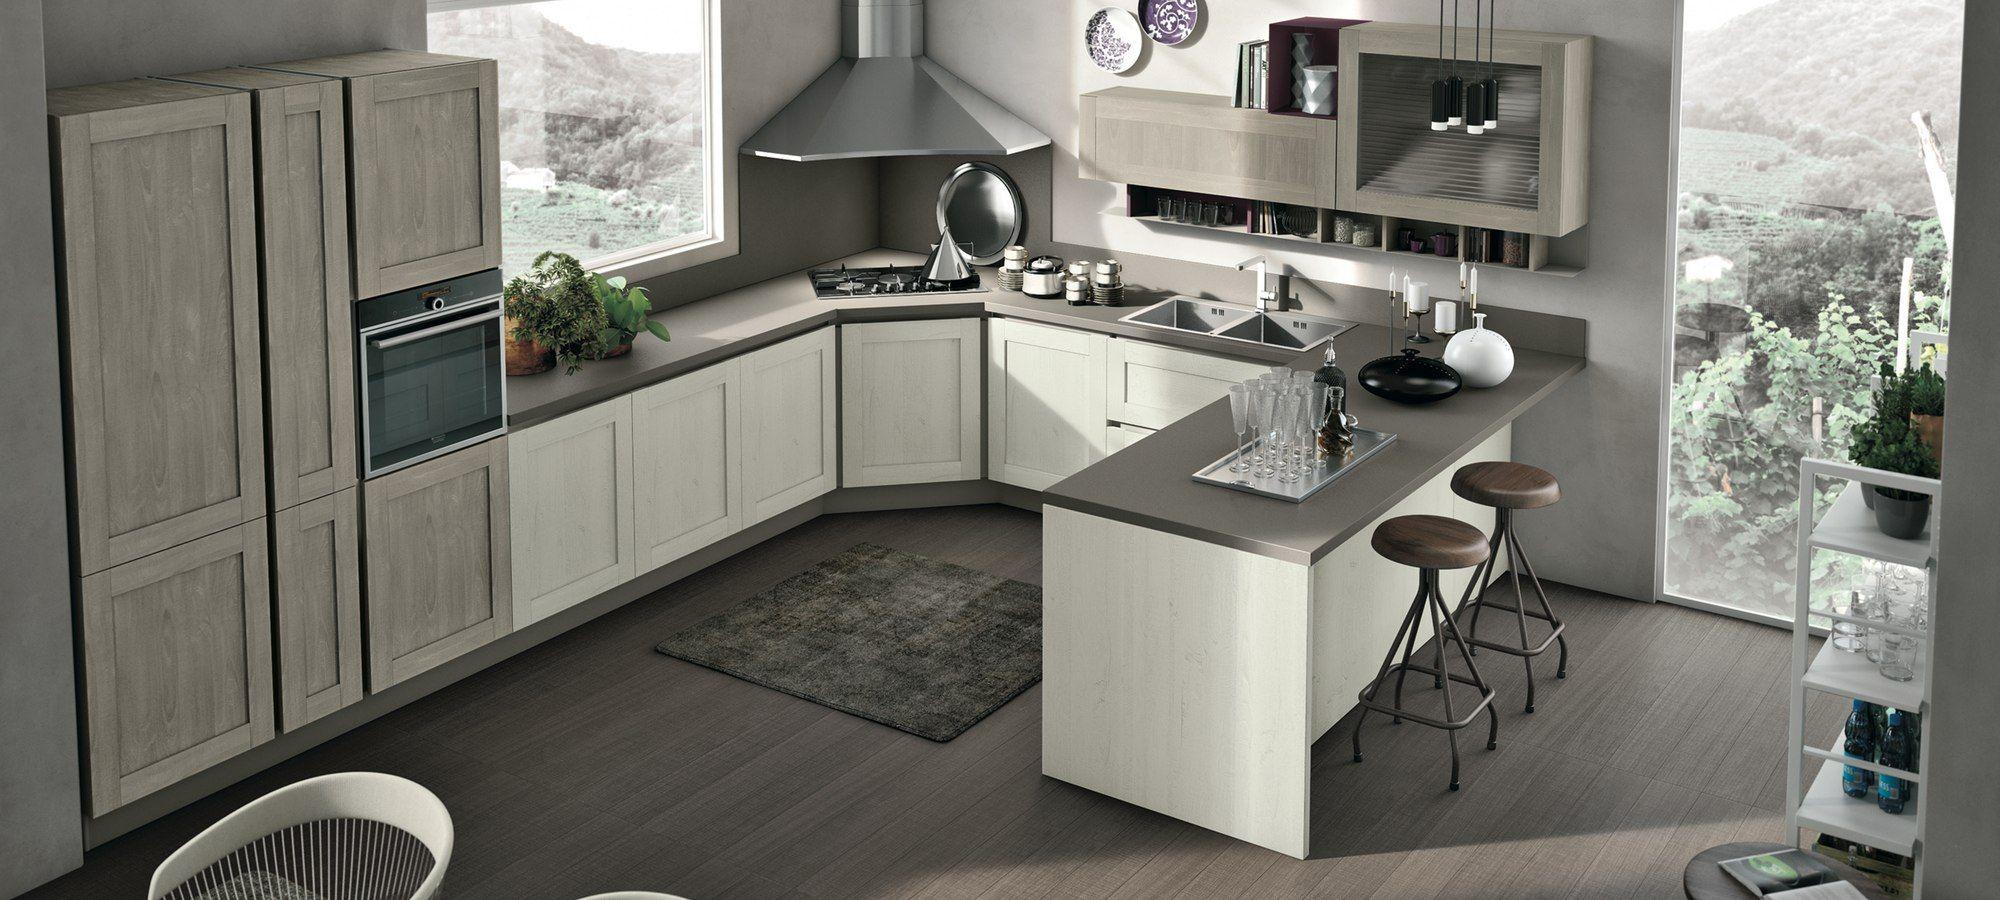 cucine moderne stosa - modello cucina city 06 | kitchen | Pinterest